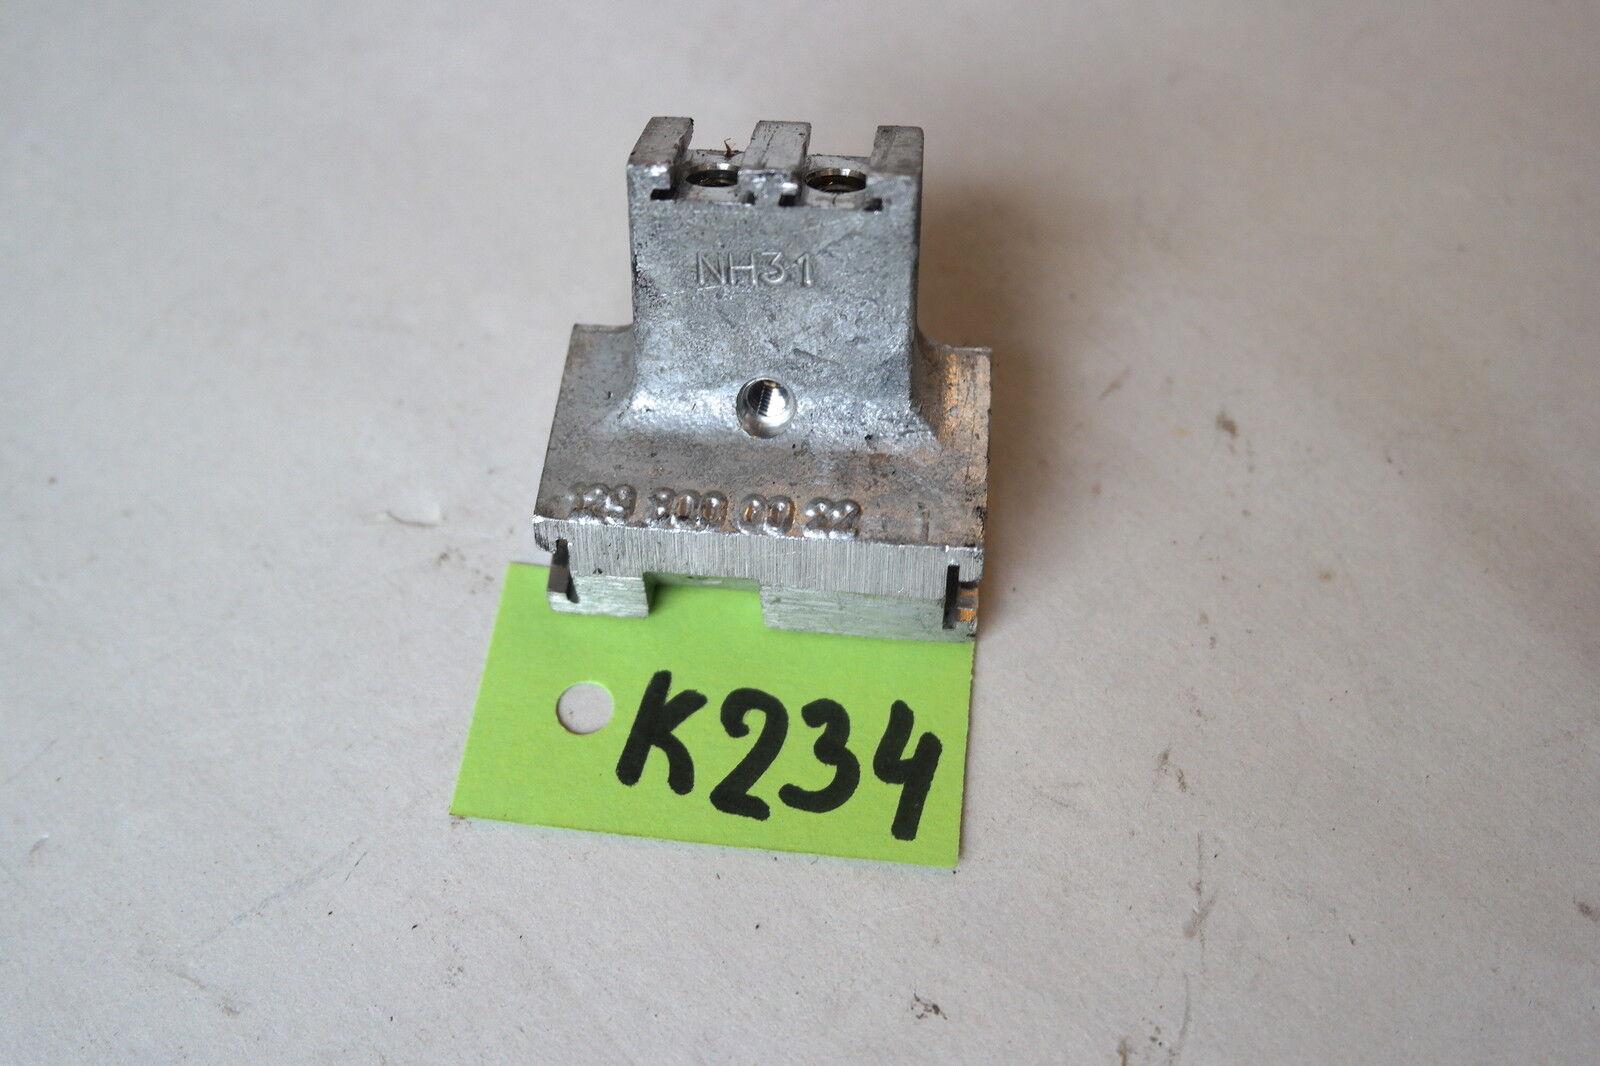 Sl r129 distribuidora hydraulic capota de distribución 1298000022 buen estado